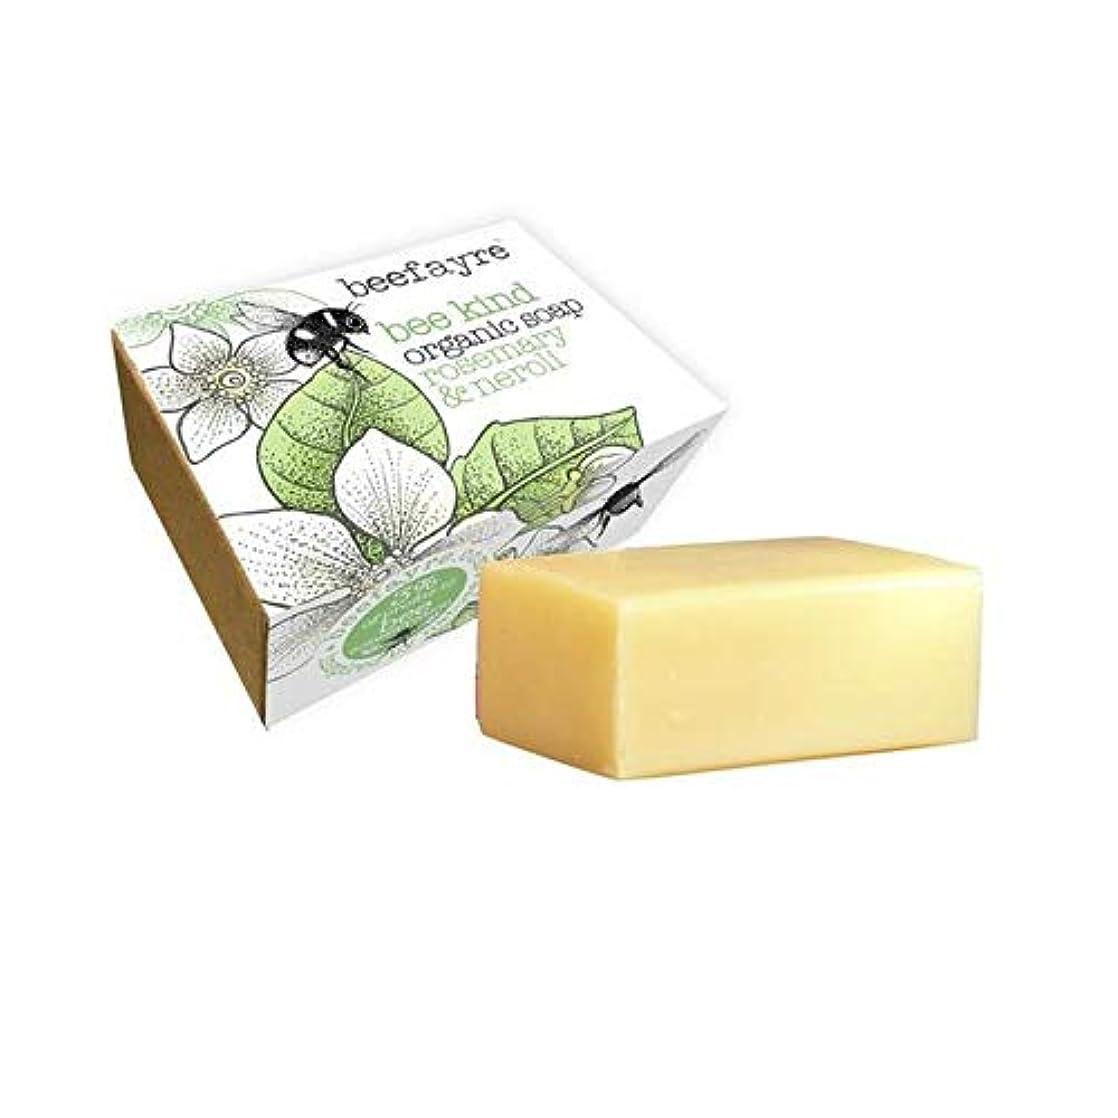 肖像画アトラスブラインド[Beefayre] 有機ローズマリー&ネロリソープバー100グラムBeefayre - Beefayre Organic Rosemary & Neroli Soap Bar 100g [並行輸入品]